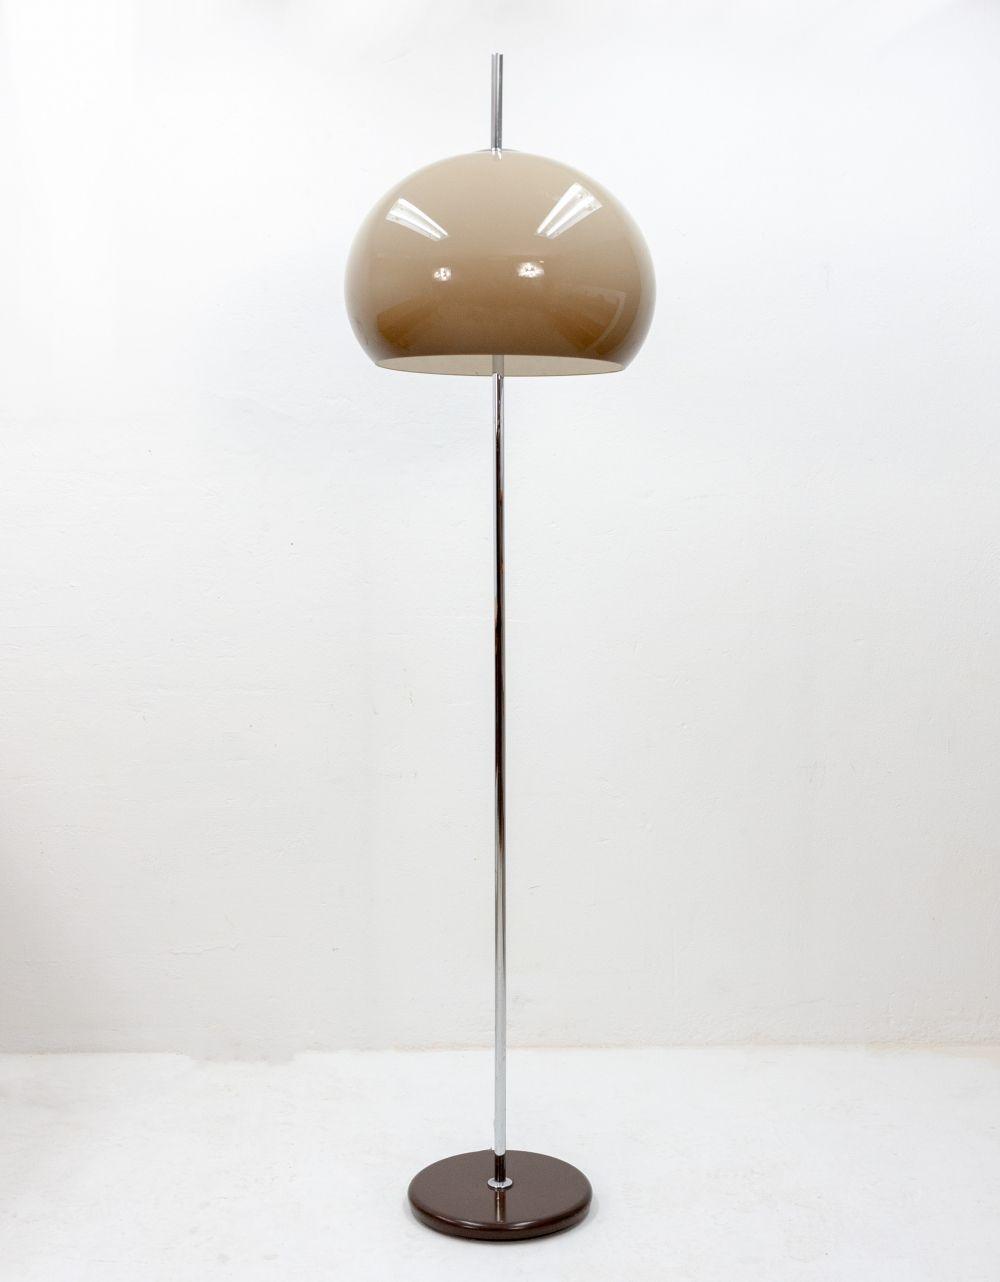 For Sale Vintage Floor Lamp 1960s Vintage Floor Lamp Floor Lamp Lamp